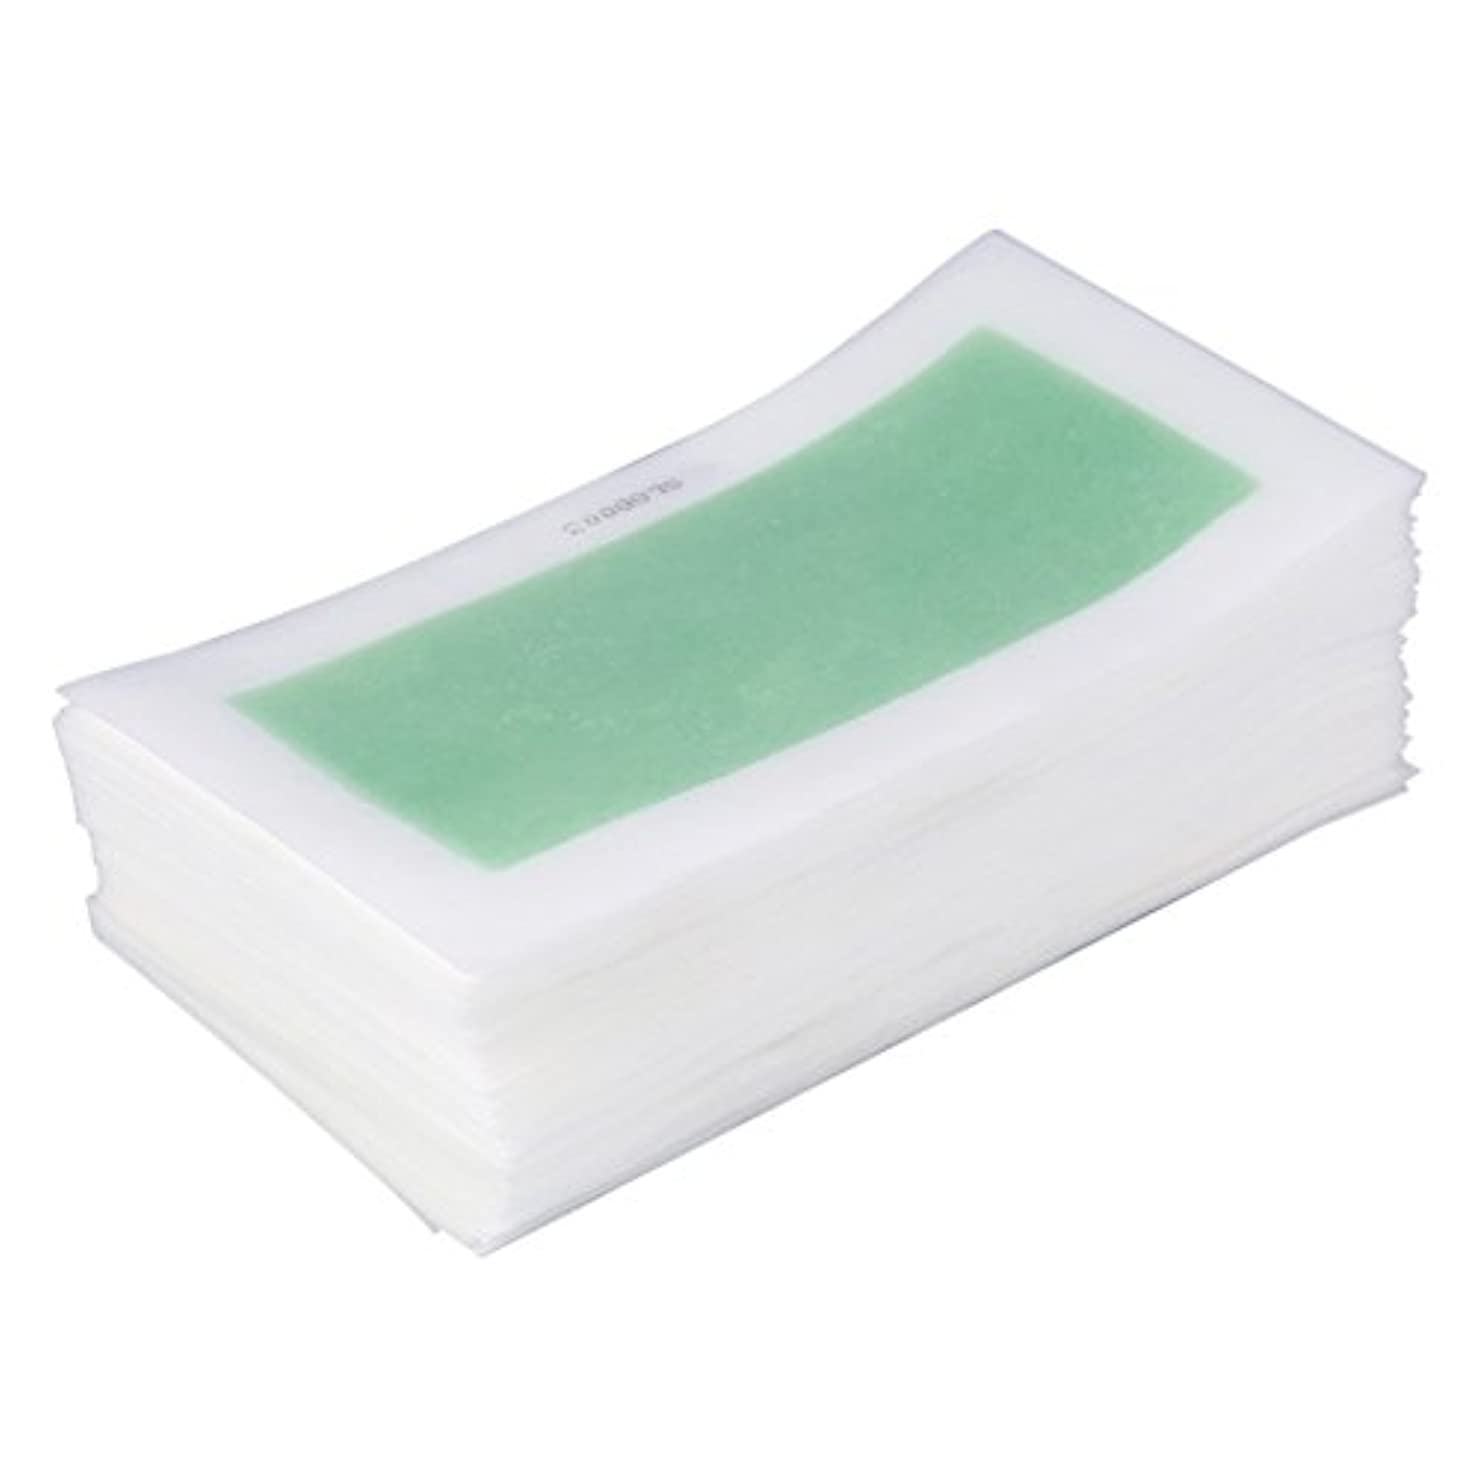 図聴くテザーEboxer  脱毛ワックス紙 10個セット入 有効的 美容 使用便利 使い捨て 男女兼用 両面シート脱毛シート